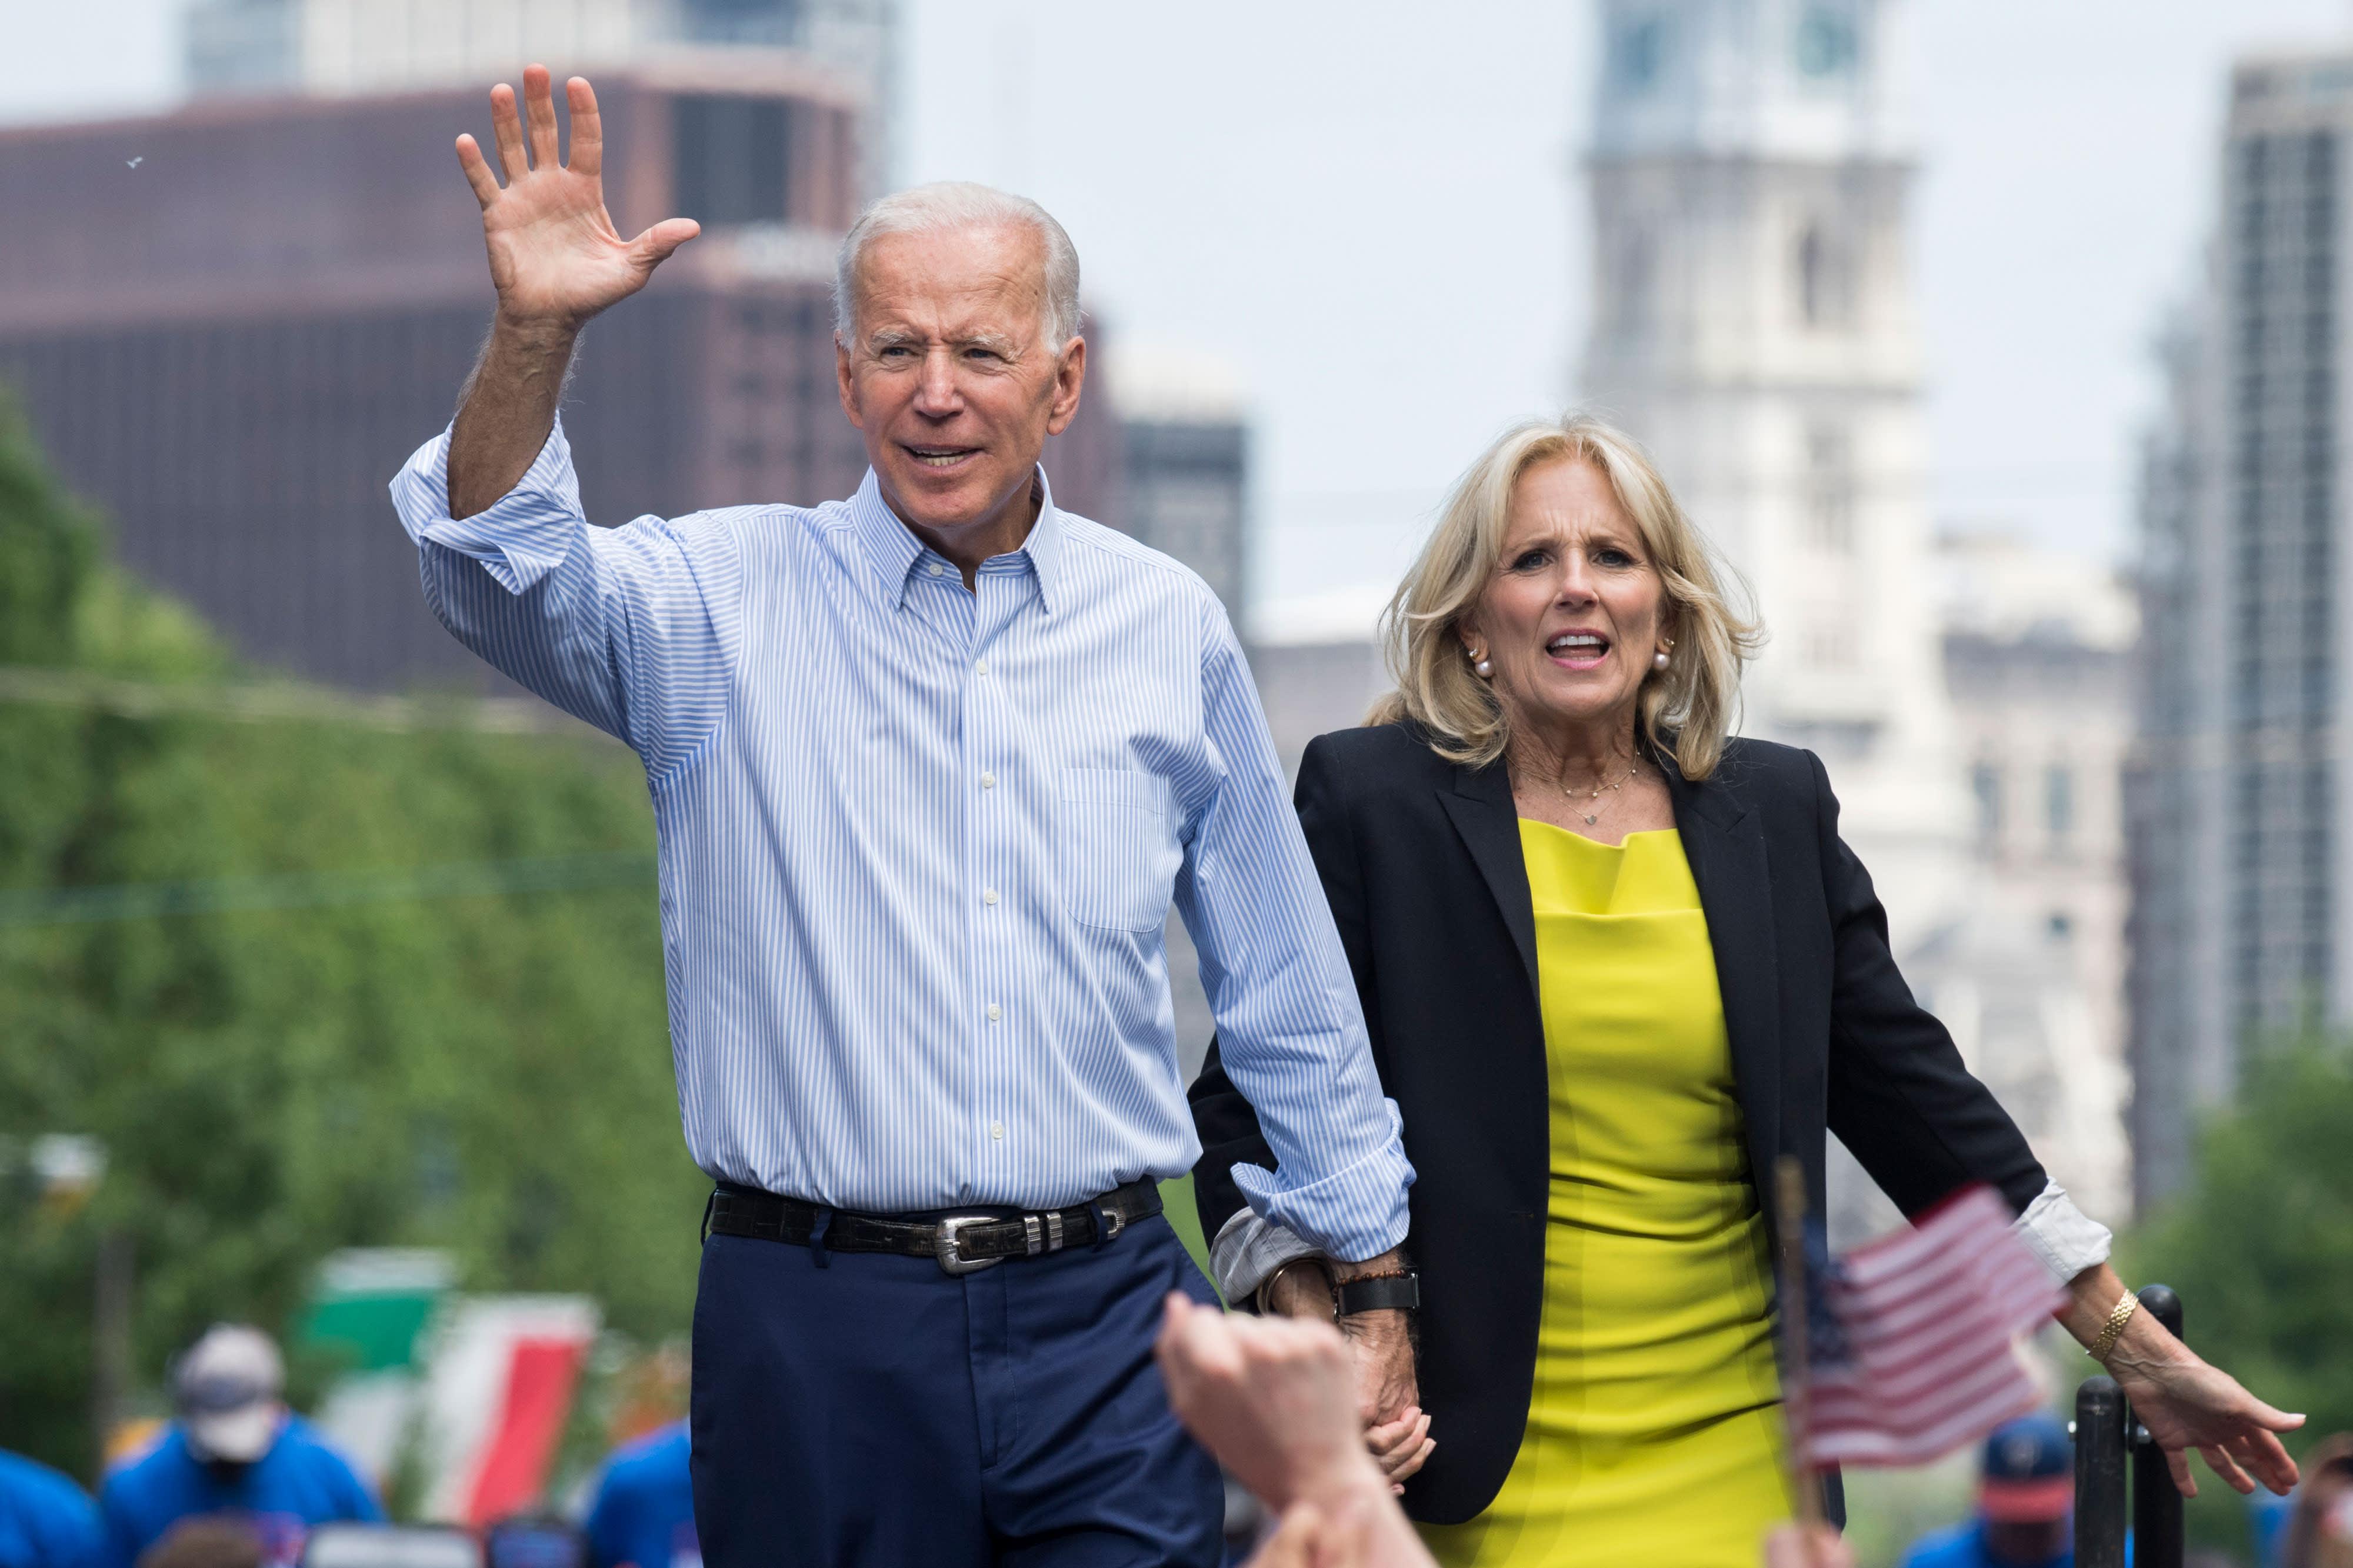 Joe Biden releases 2019 tax returns ahead of presidential debate – CNBC